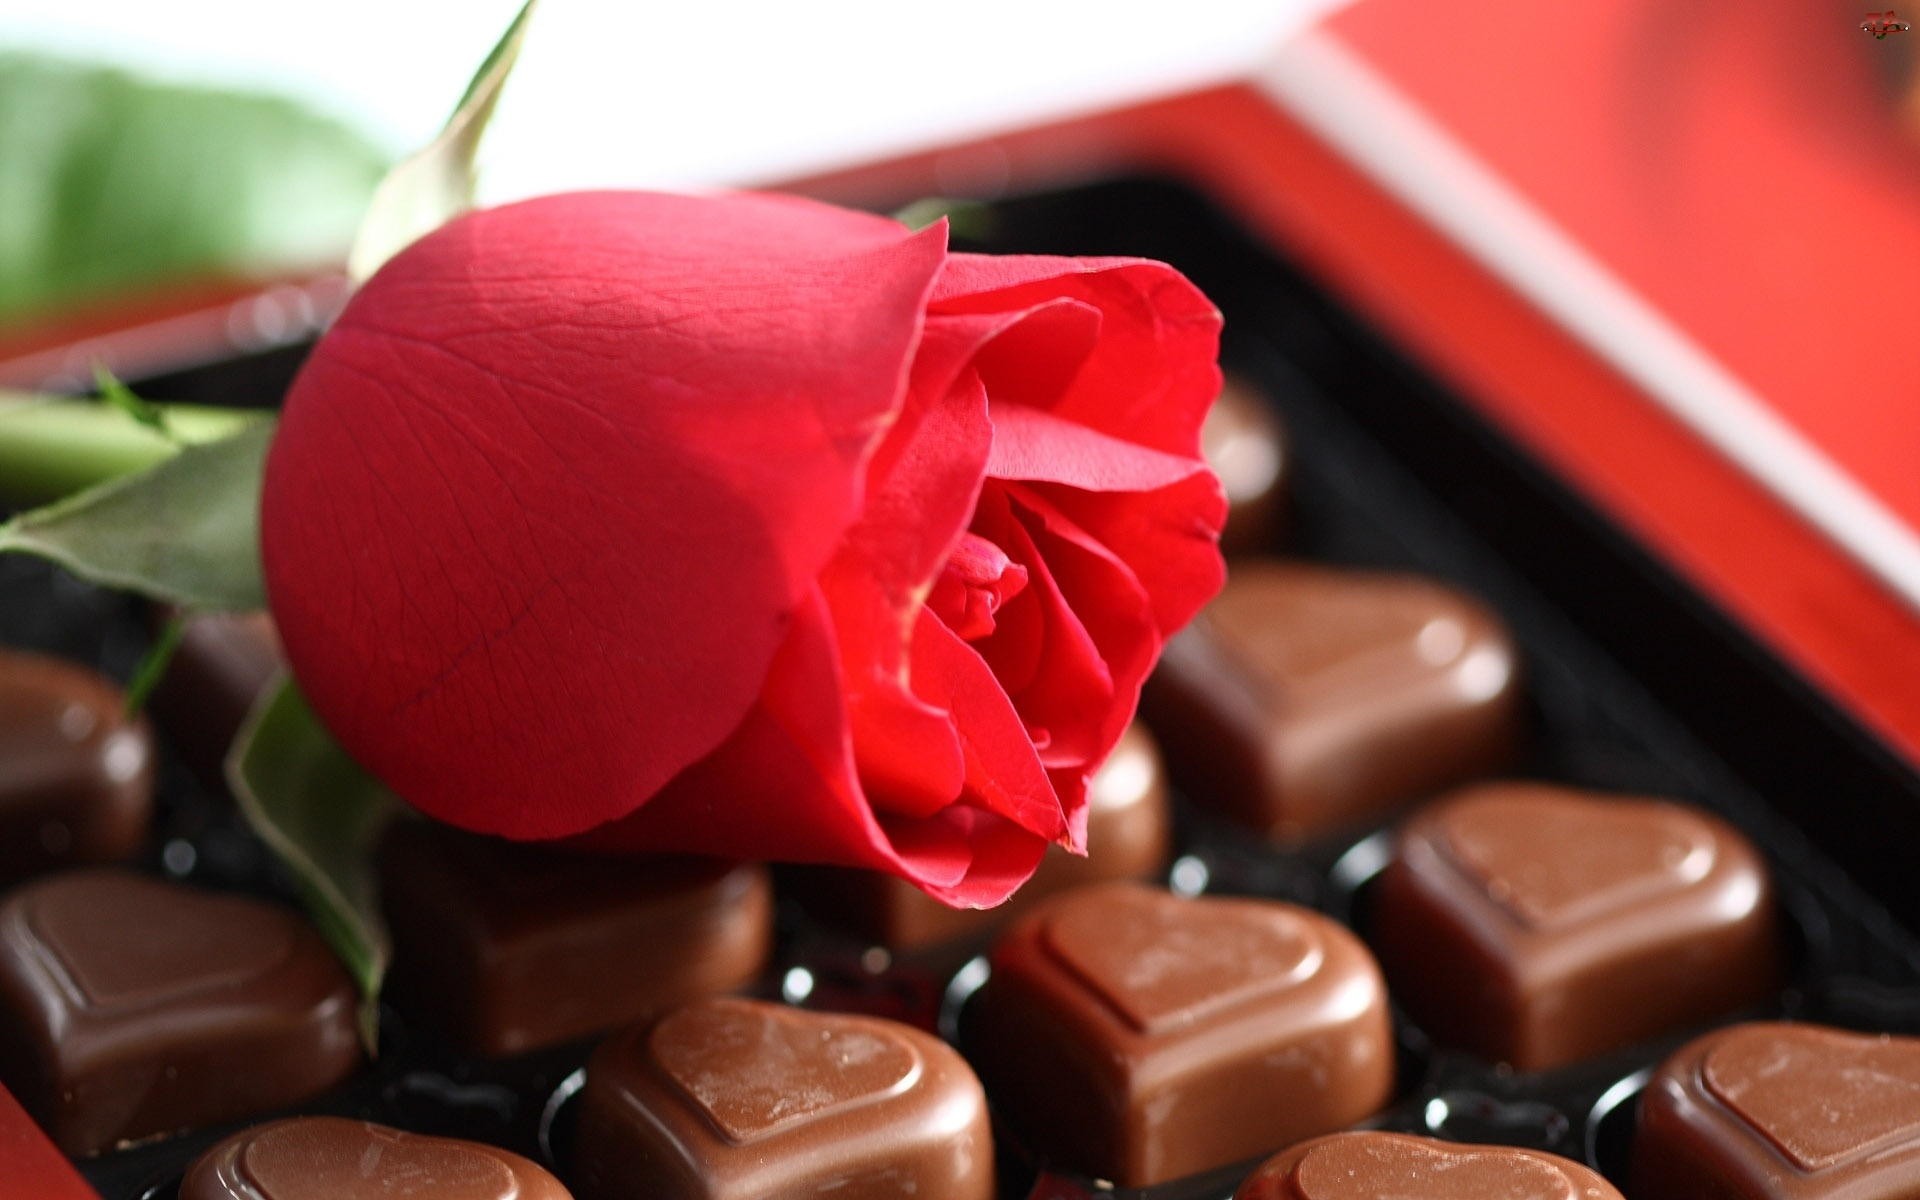 Serduszkowe, Róża, Pralinki, Walentynki